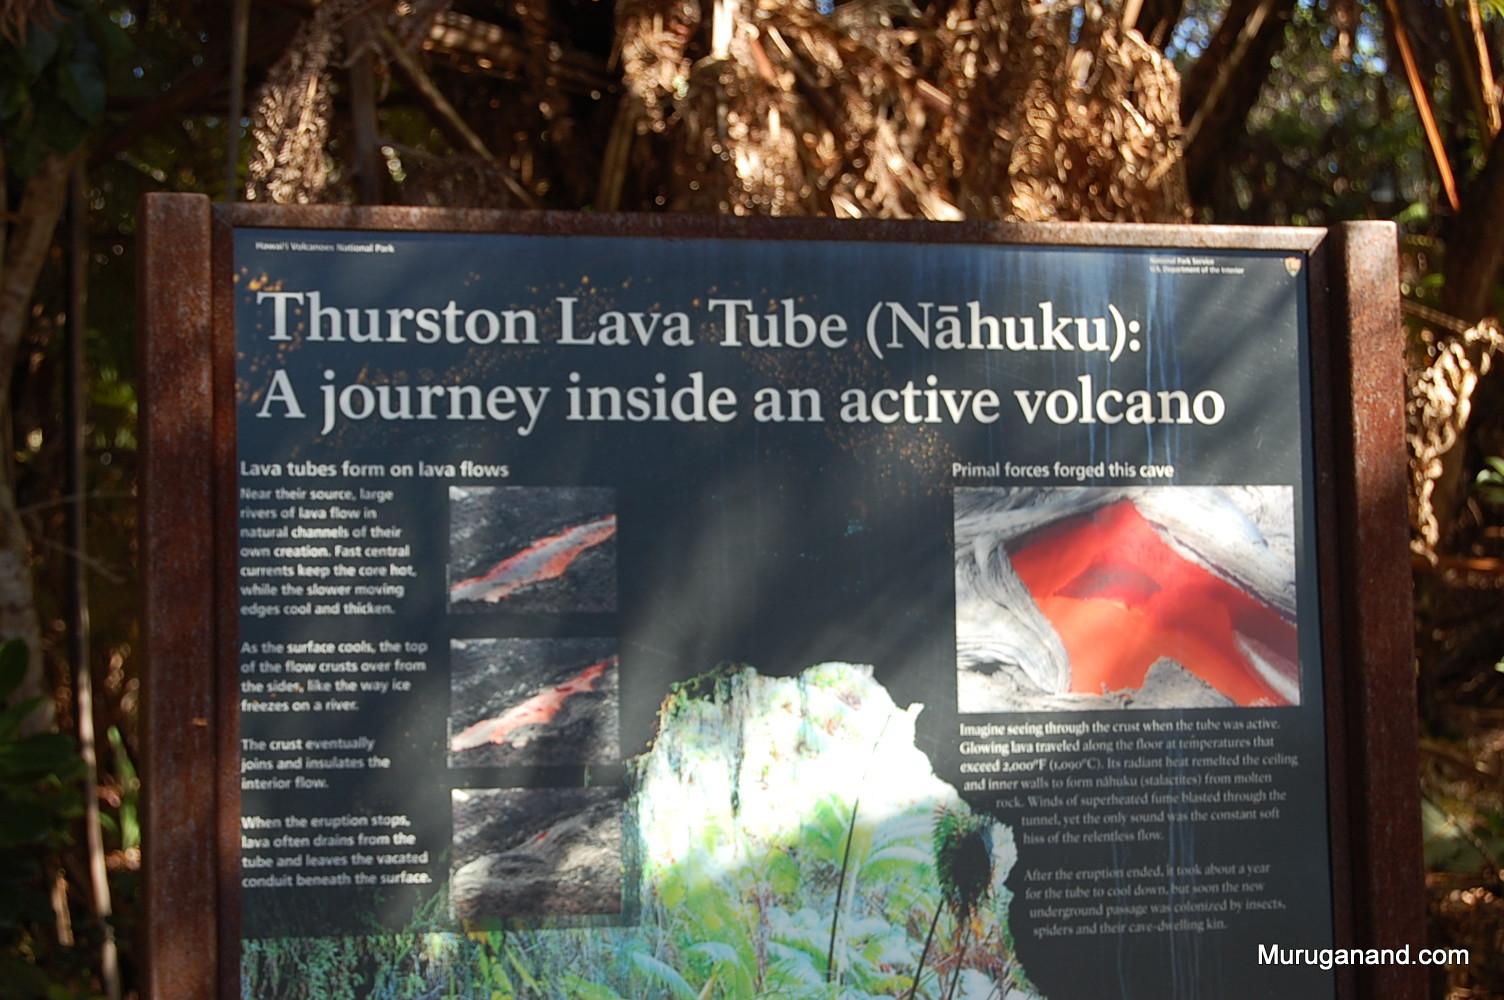 Thurston Lava Tube (Hilo, Hawai'i)